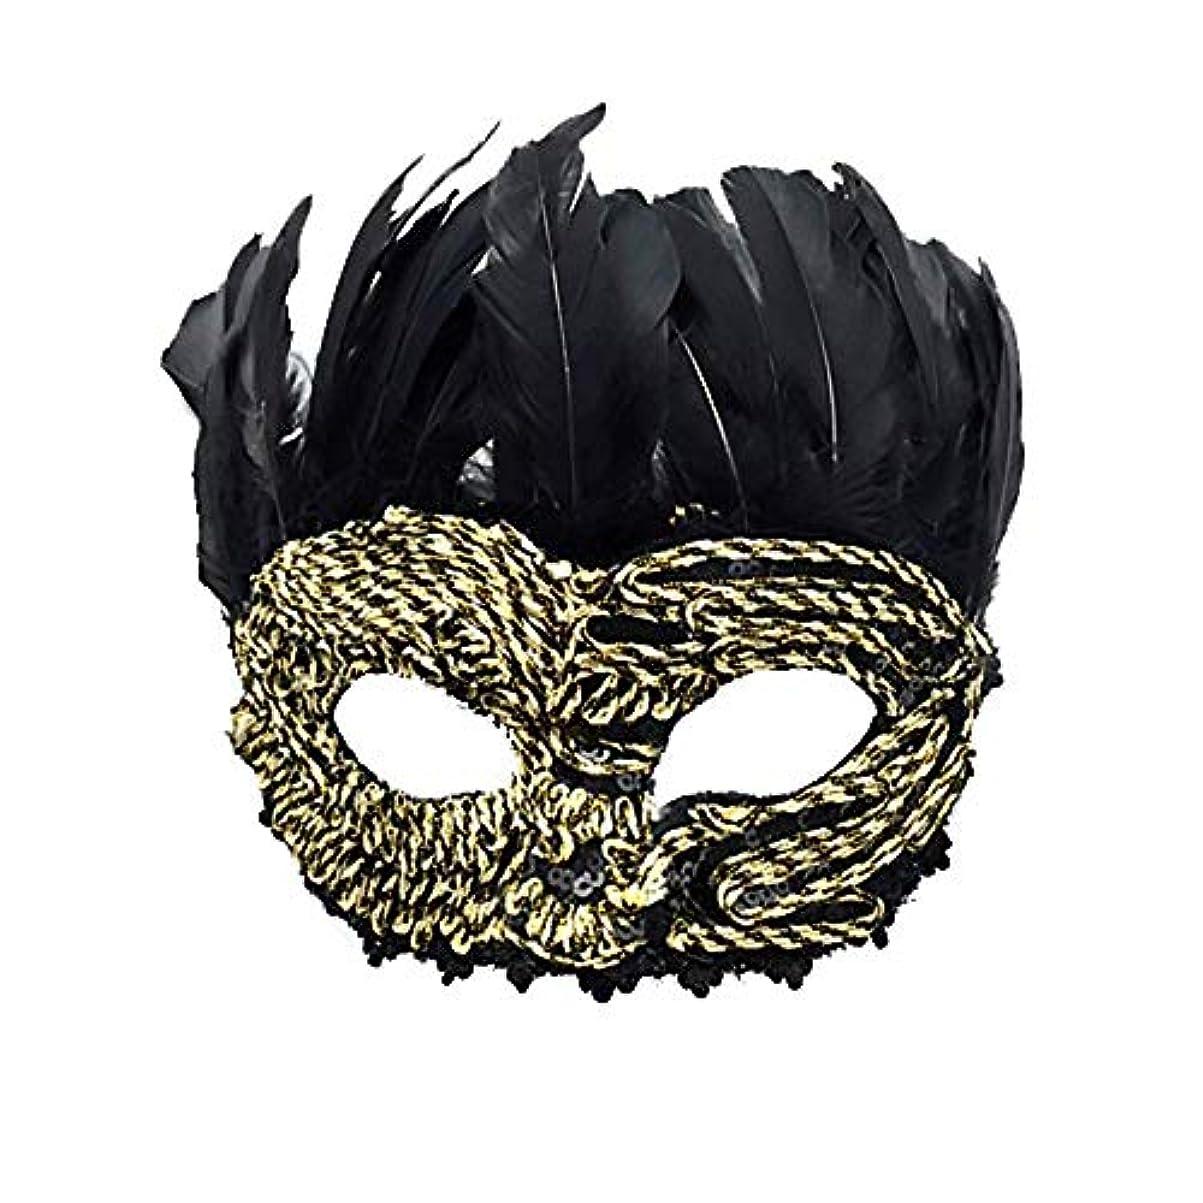 錫ペインティング分子Nanle ハロウィーンクリスマスレースフェザースパンコール刺繍マスク仮装マスクレディーメンズミスプリンセス美容祭パーティーデコレーションマスク(カップルモデル) (色 : Style B)